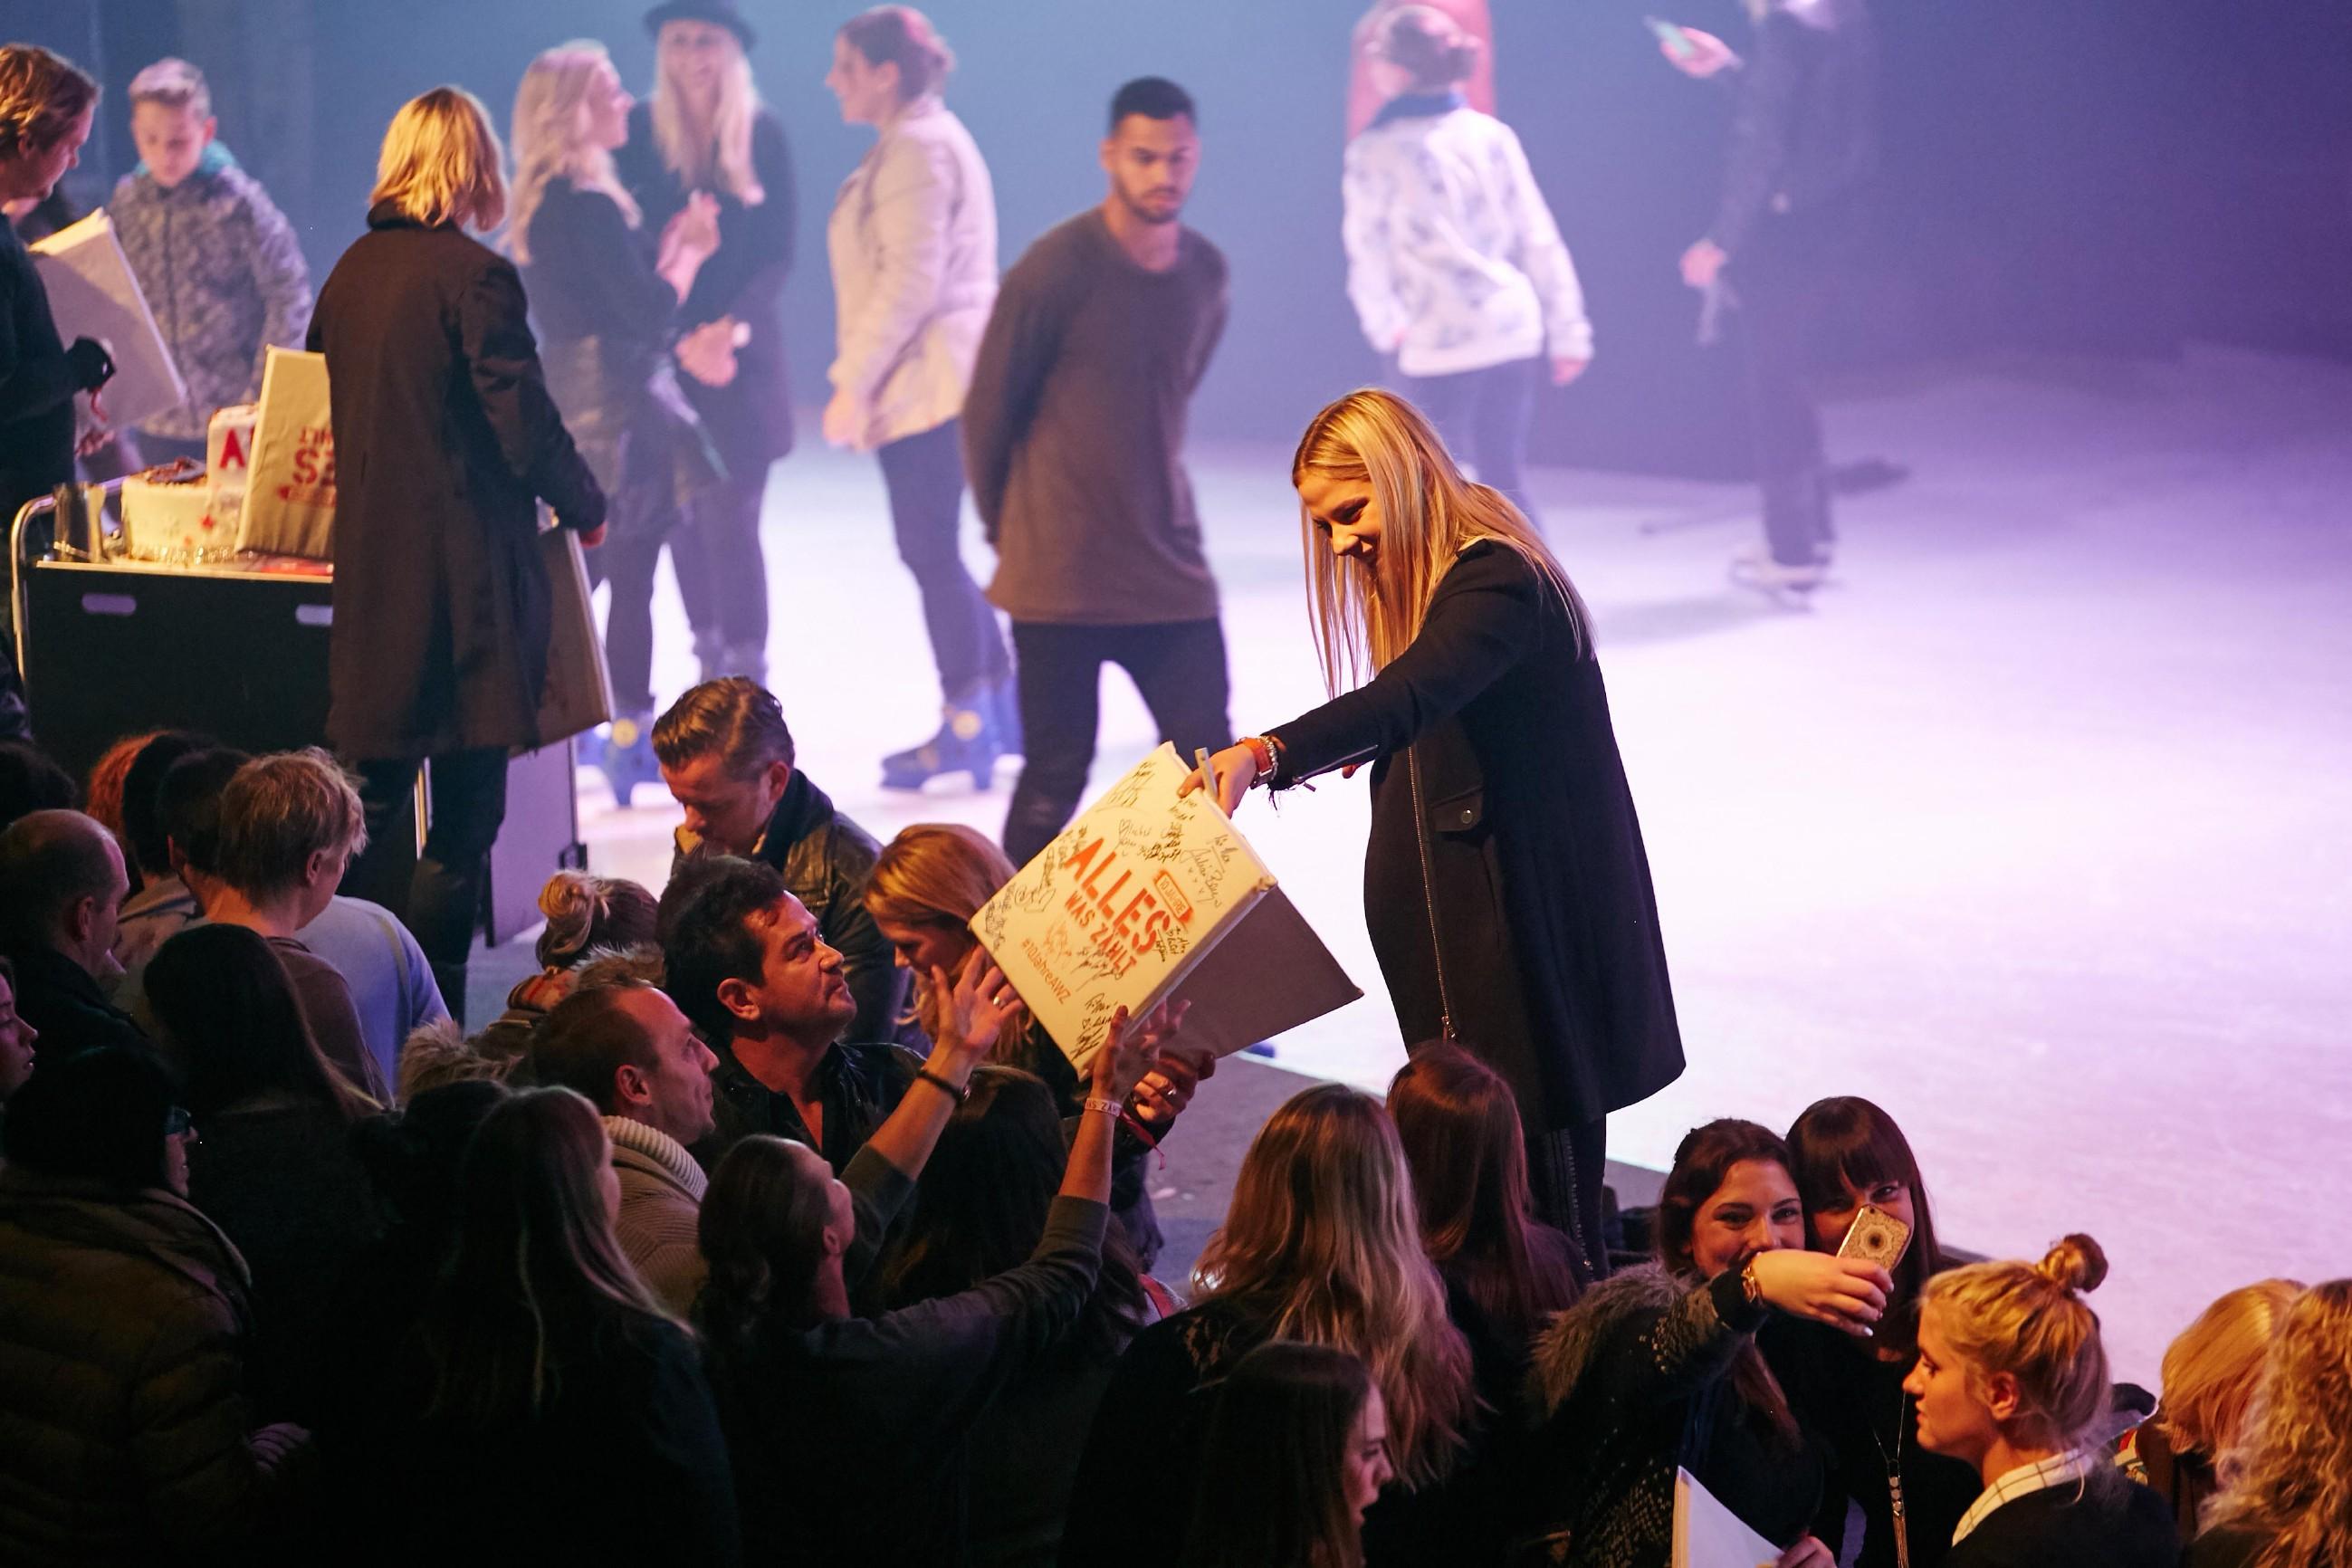 Cheyenne Pahde (M.) verteilt Autogramme an die Fans.